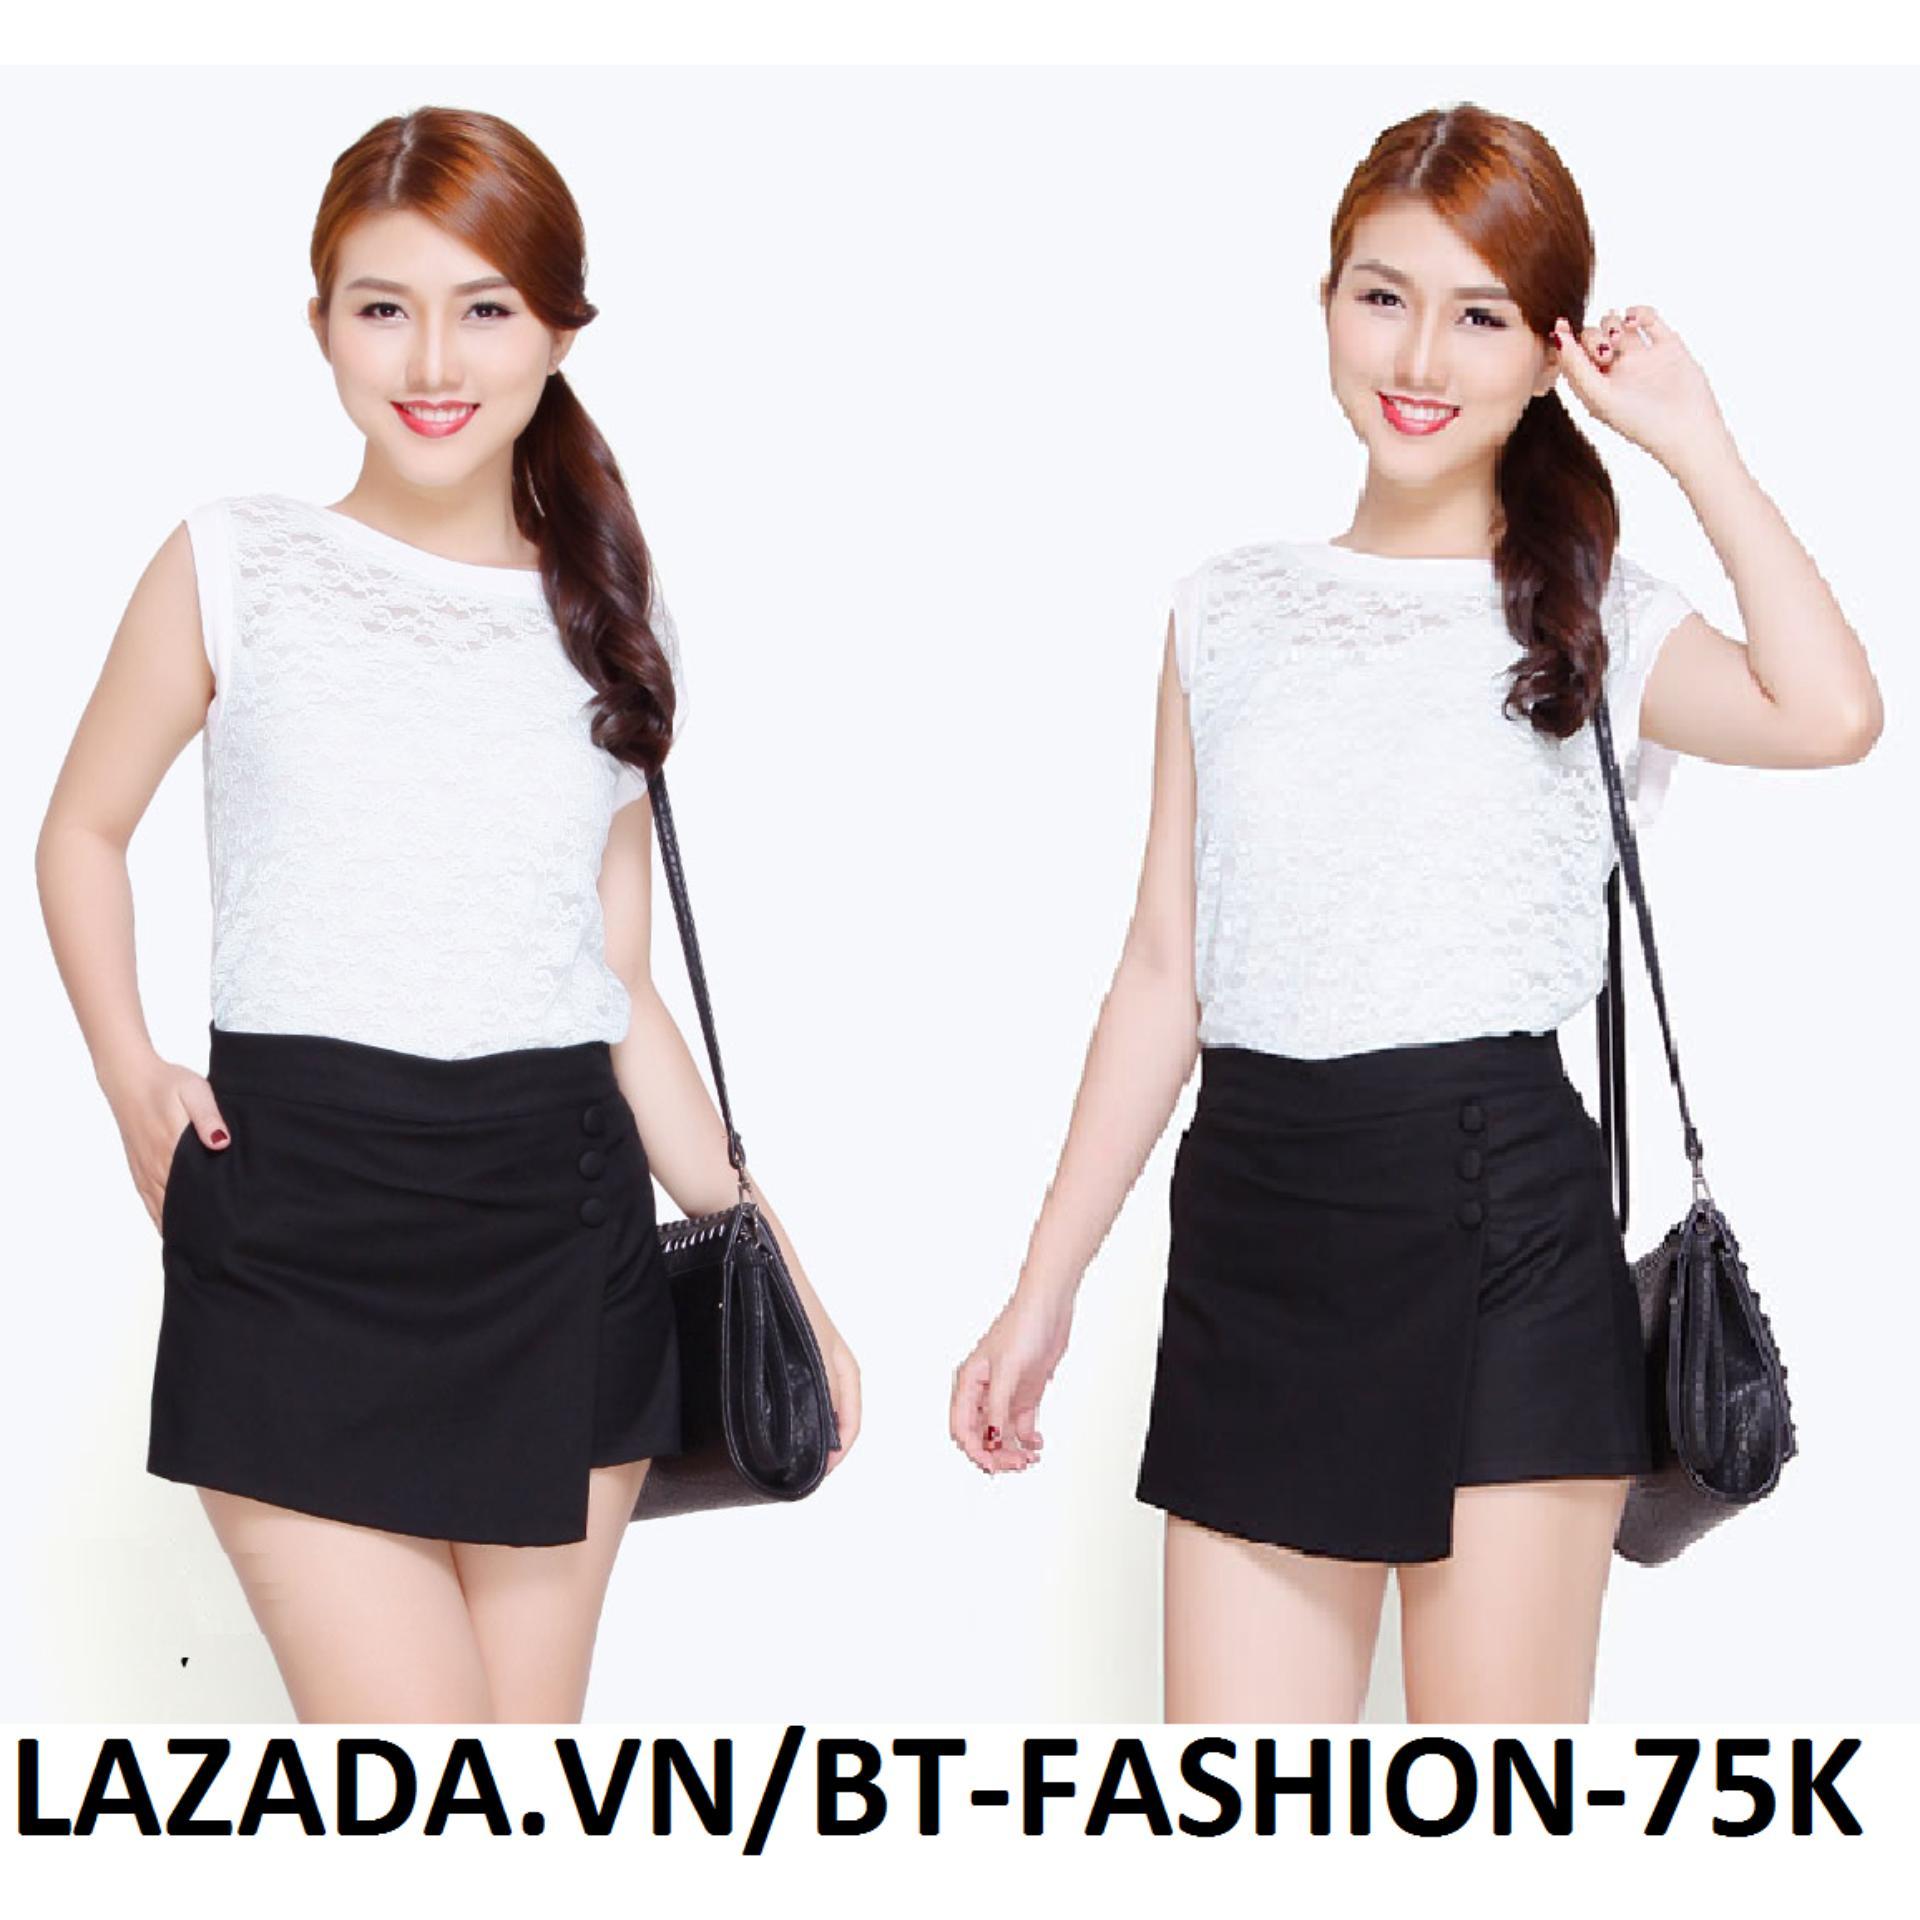 Váy / Quần Giả Váy Dây Kéo Thời Trang Hàn Quốc - BT Fashion (SO)